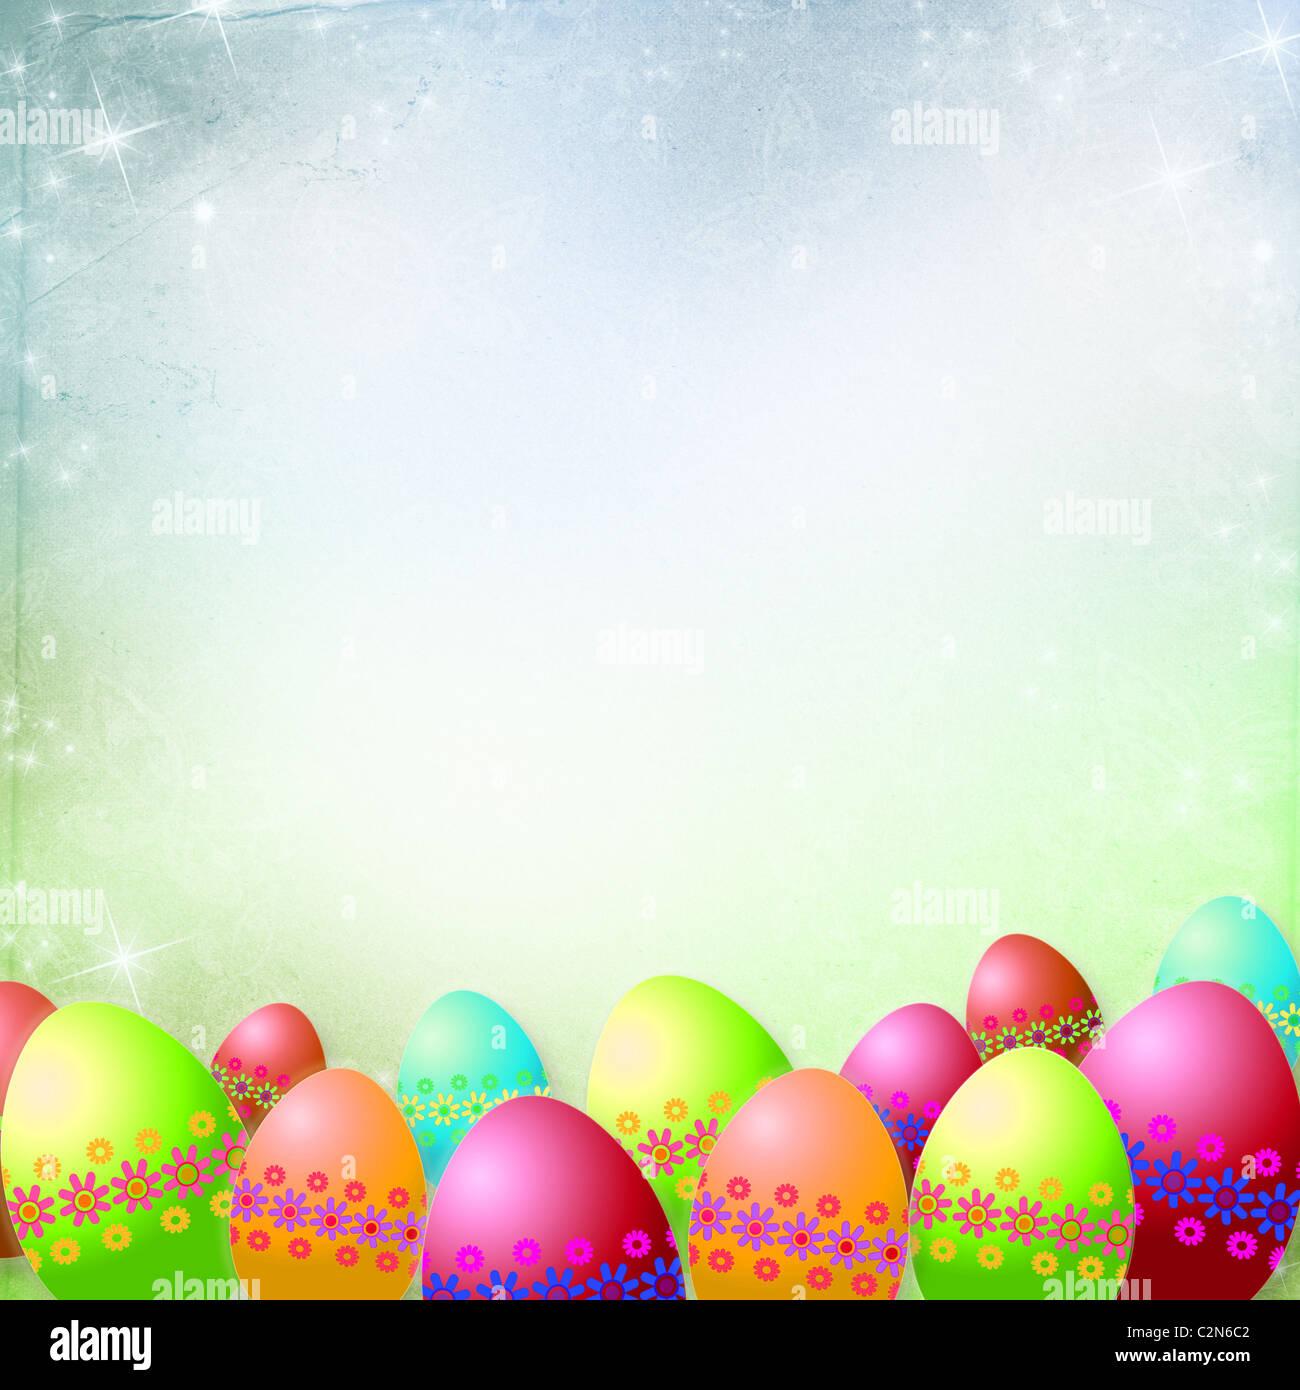 Le printemps ou l'arrière-plan de Pâques avec les oeufs de Pâques colorés et des fleurs Photo Stock